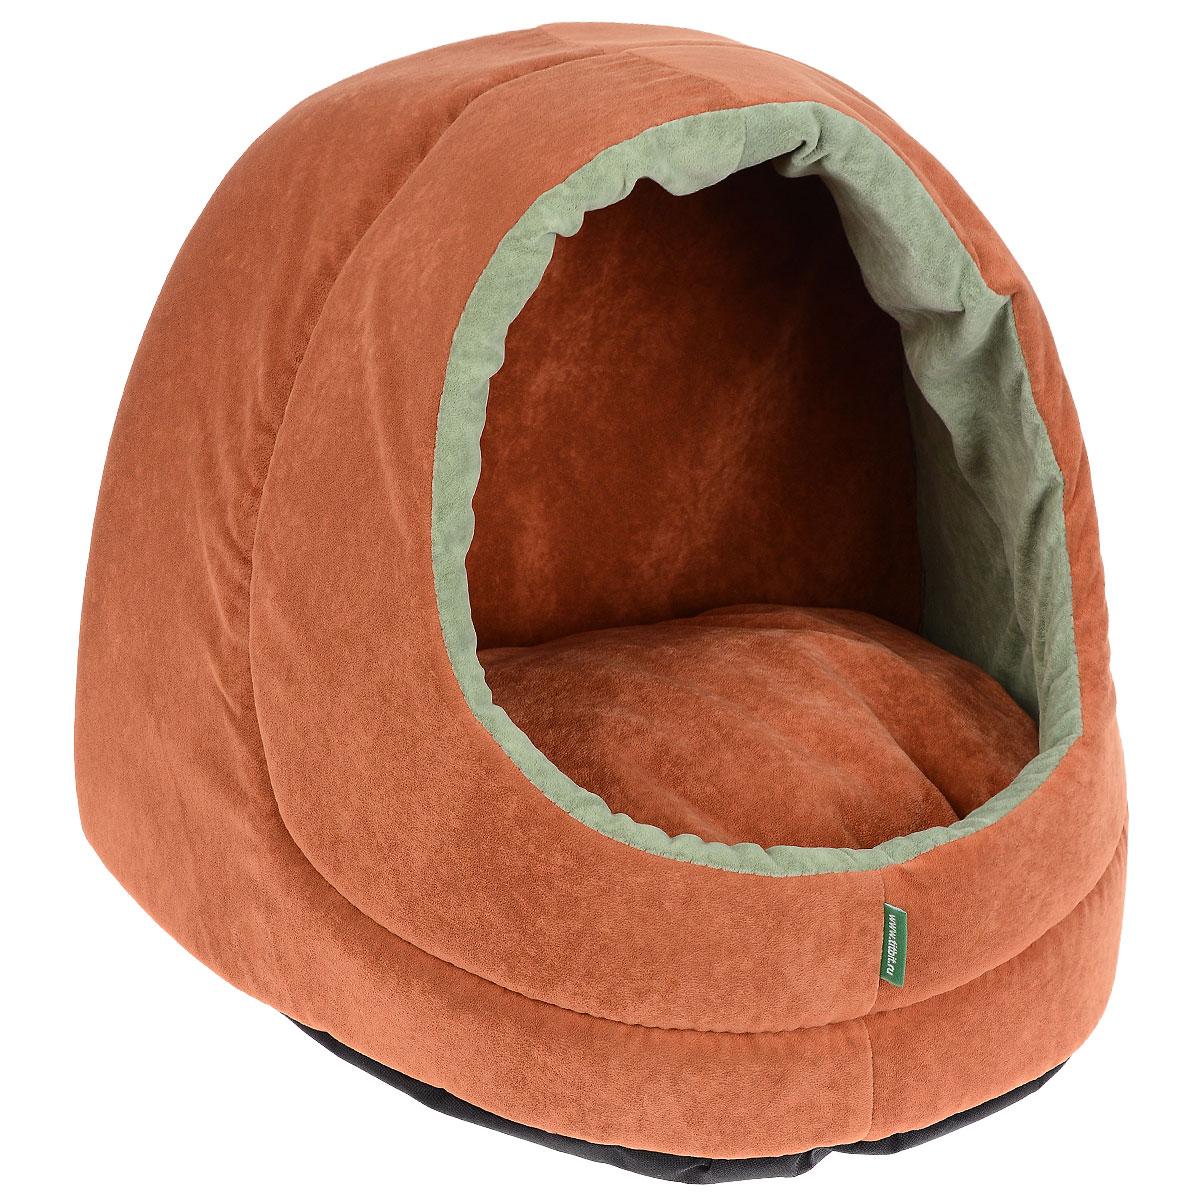 Домик для кошек и собак Titbit, цвет: оранжевый, 35 см х 40 см х 35 см3824Домик предназначен для кошек и небольших собак. Конструкция из поролона прекрасно держит форму, а отделка из флока - нежная и мягкая на ощупь. Дно домика сшито из износостойкой ткани, а внутри лежит мягкая двусторонняя подушка на синтепоне. Стильная расцветка впишется в любой интерьер. Домик от TiTBiT обеспечит Вашему питомцу уютный и комфортный отдых. Вкус: Состав: ткань мебельная флок, поролон, синтепон. ткань ОксфордУсловия хранения: сухое место.